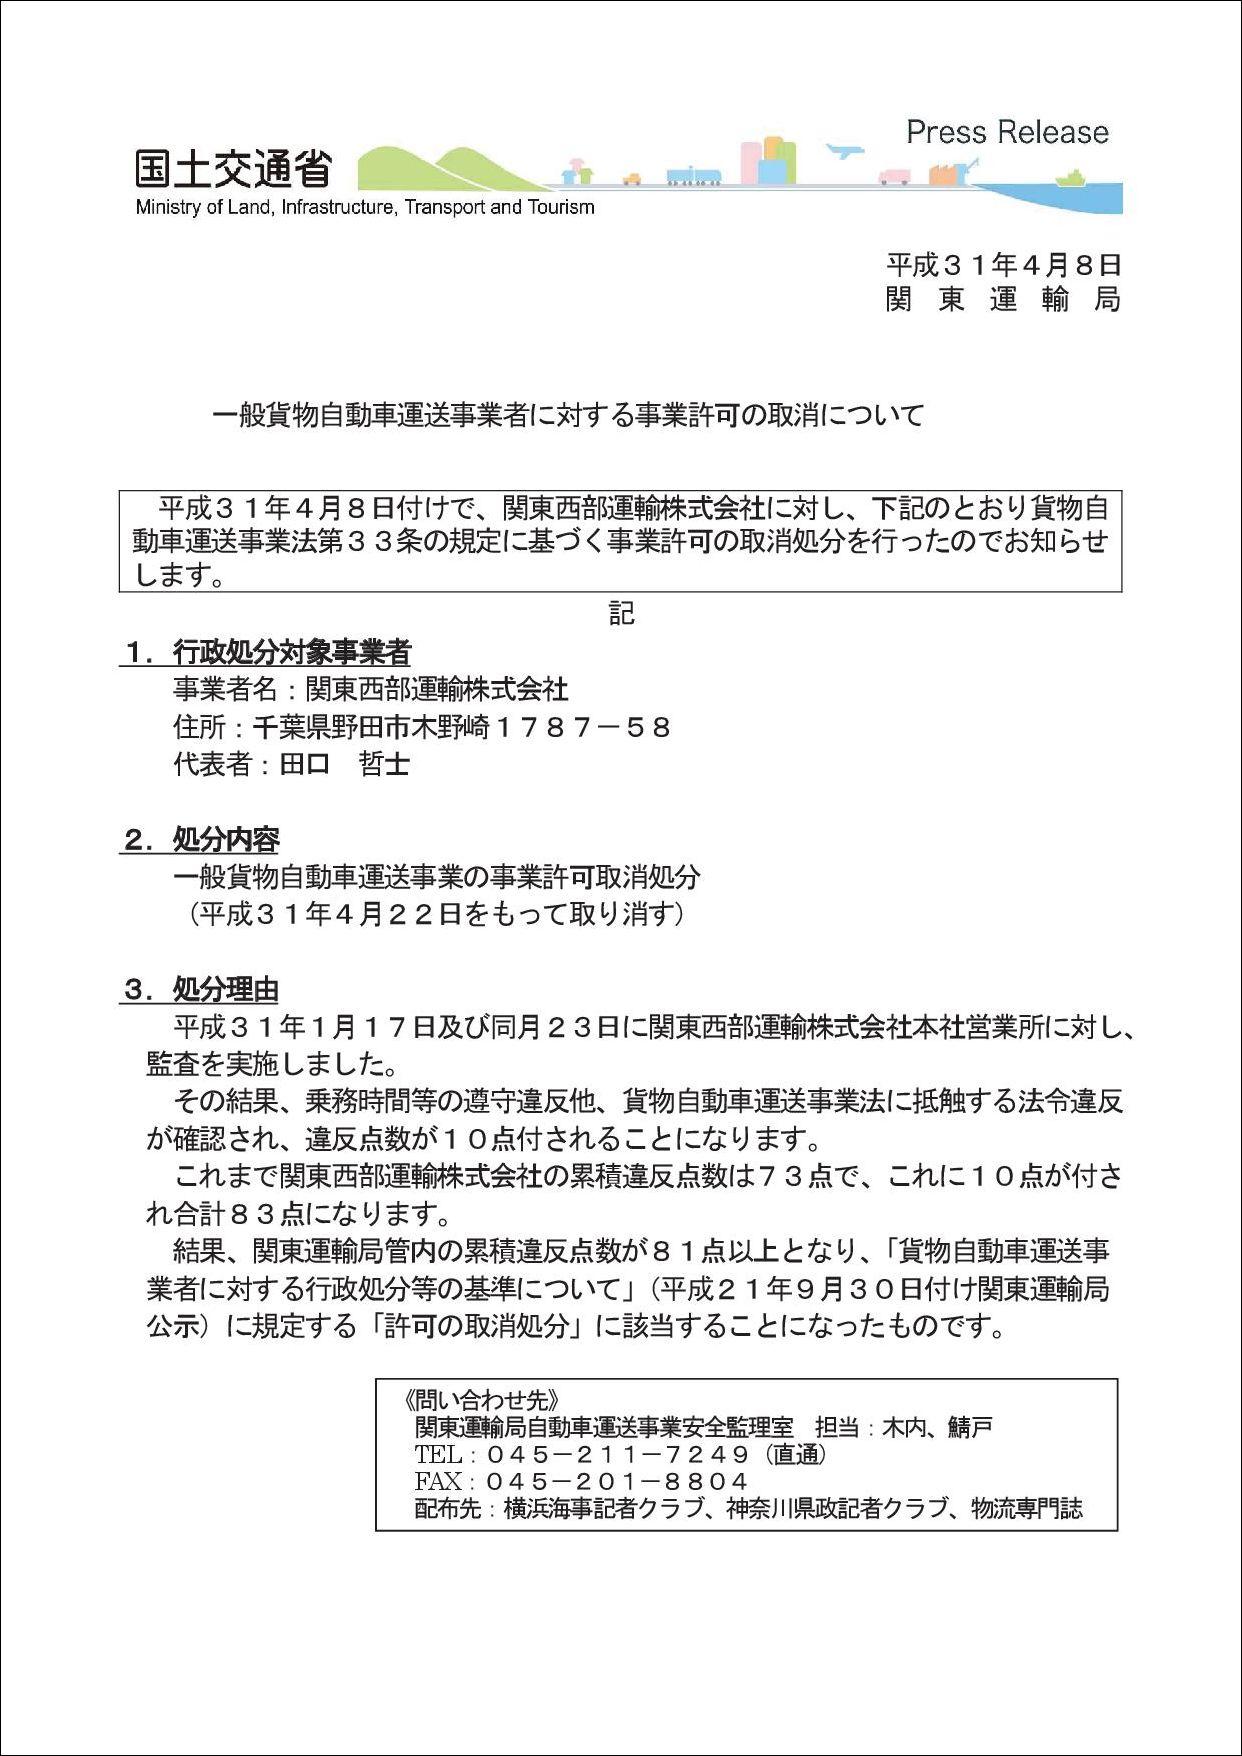 許可取り消しを伝える関東運輸局のプレスリリース